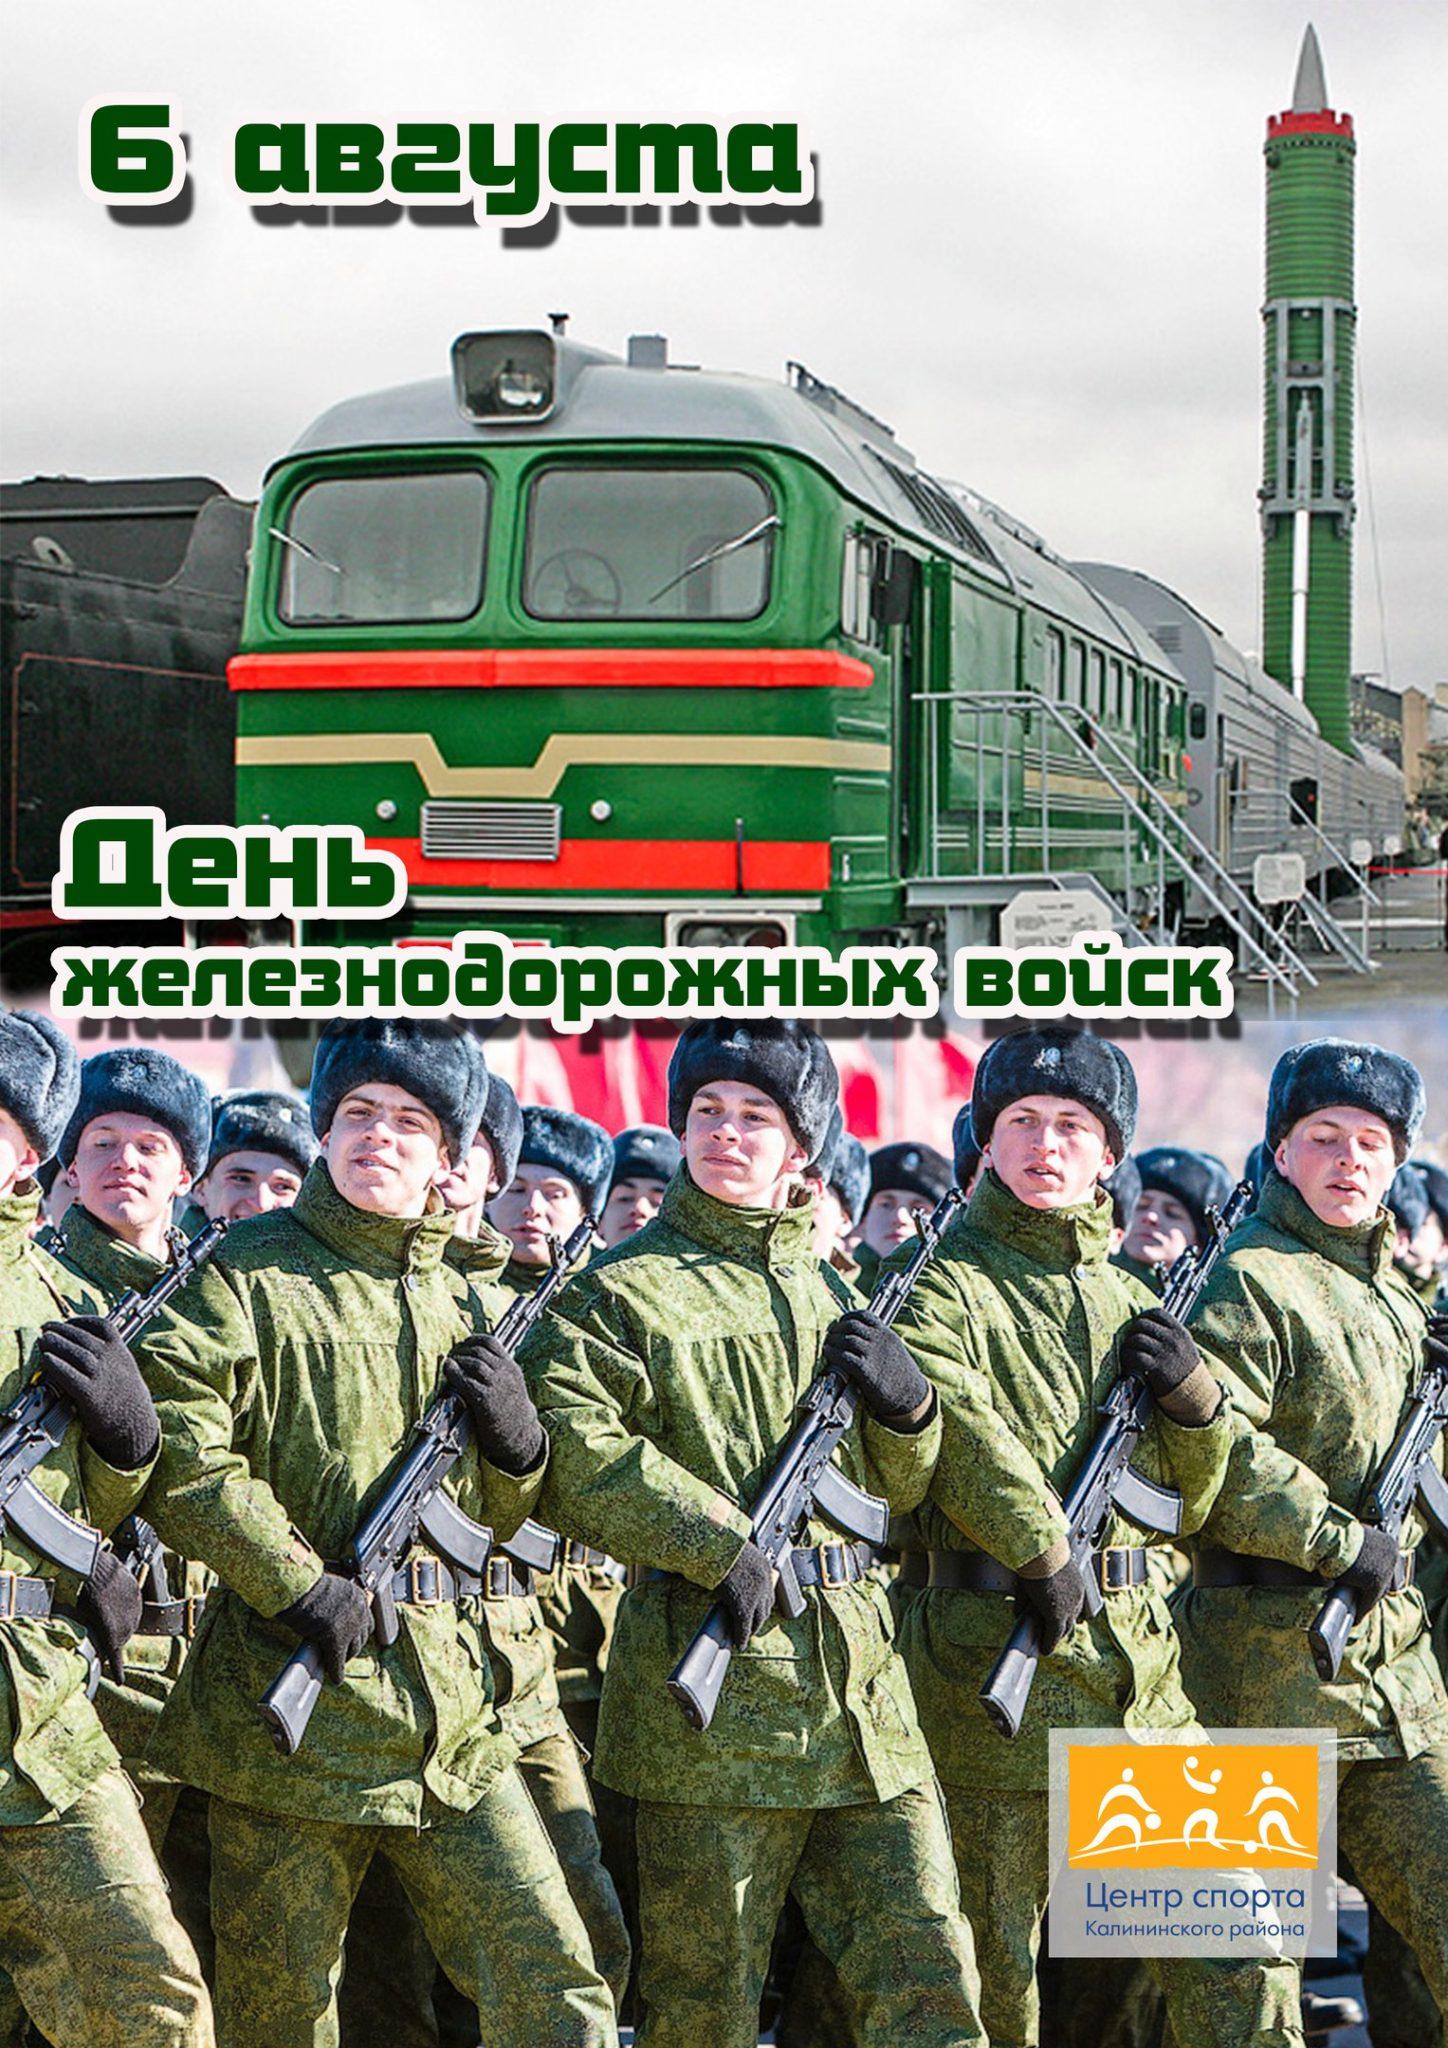 твое фото поздравления с днем железнодорожных войск фабрика мария